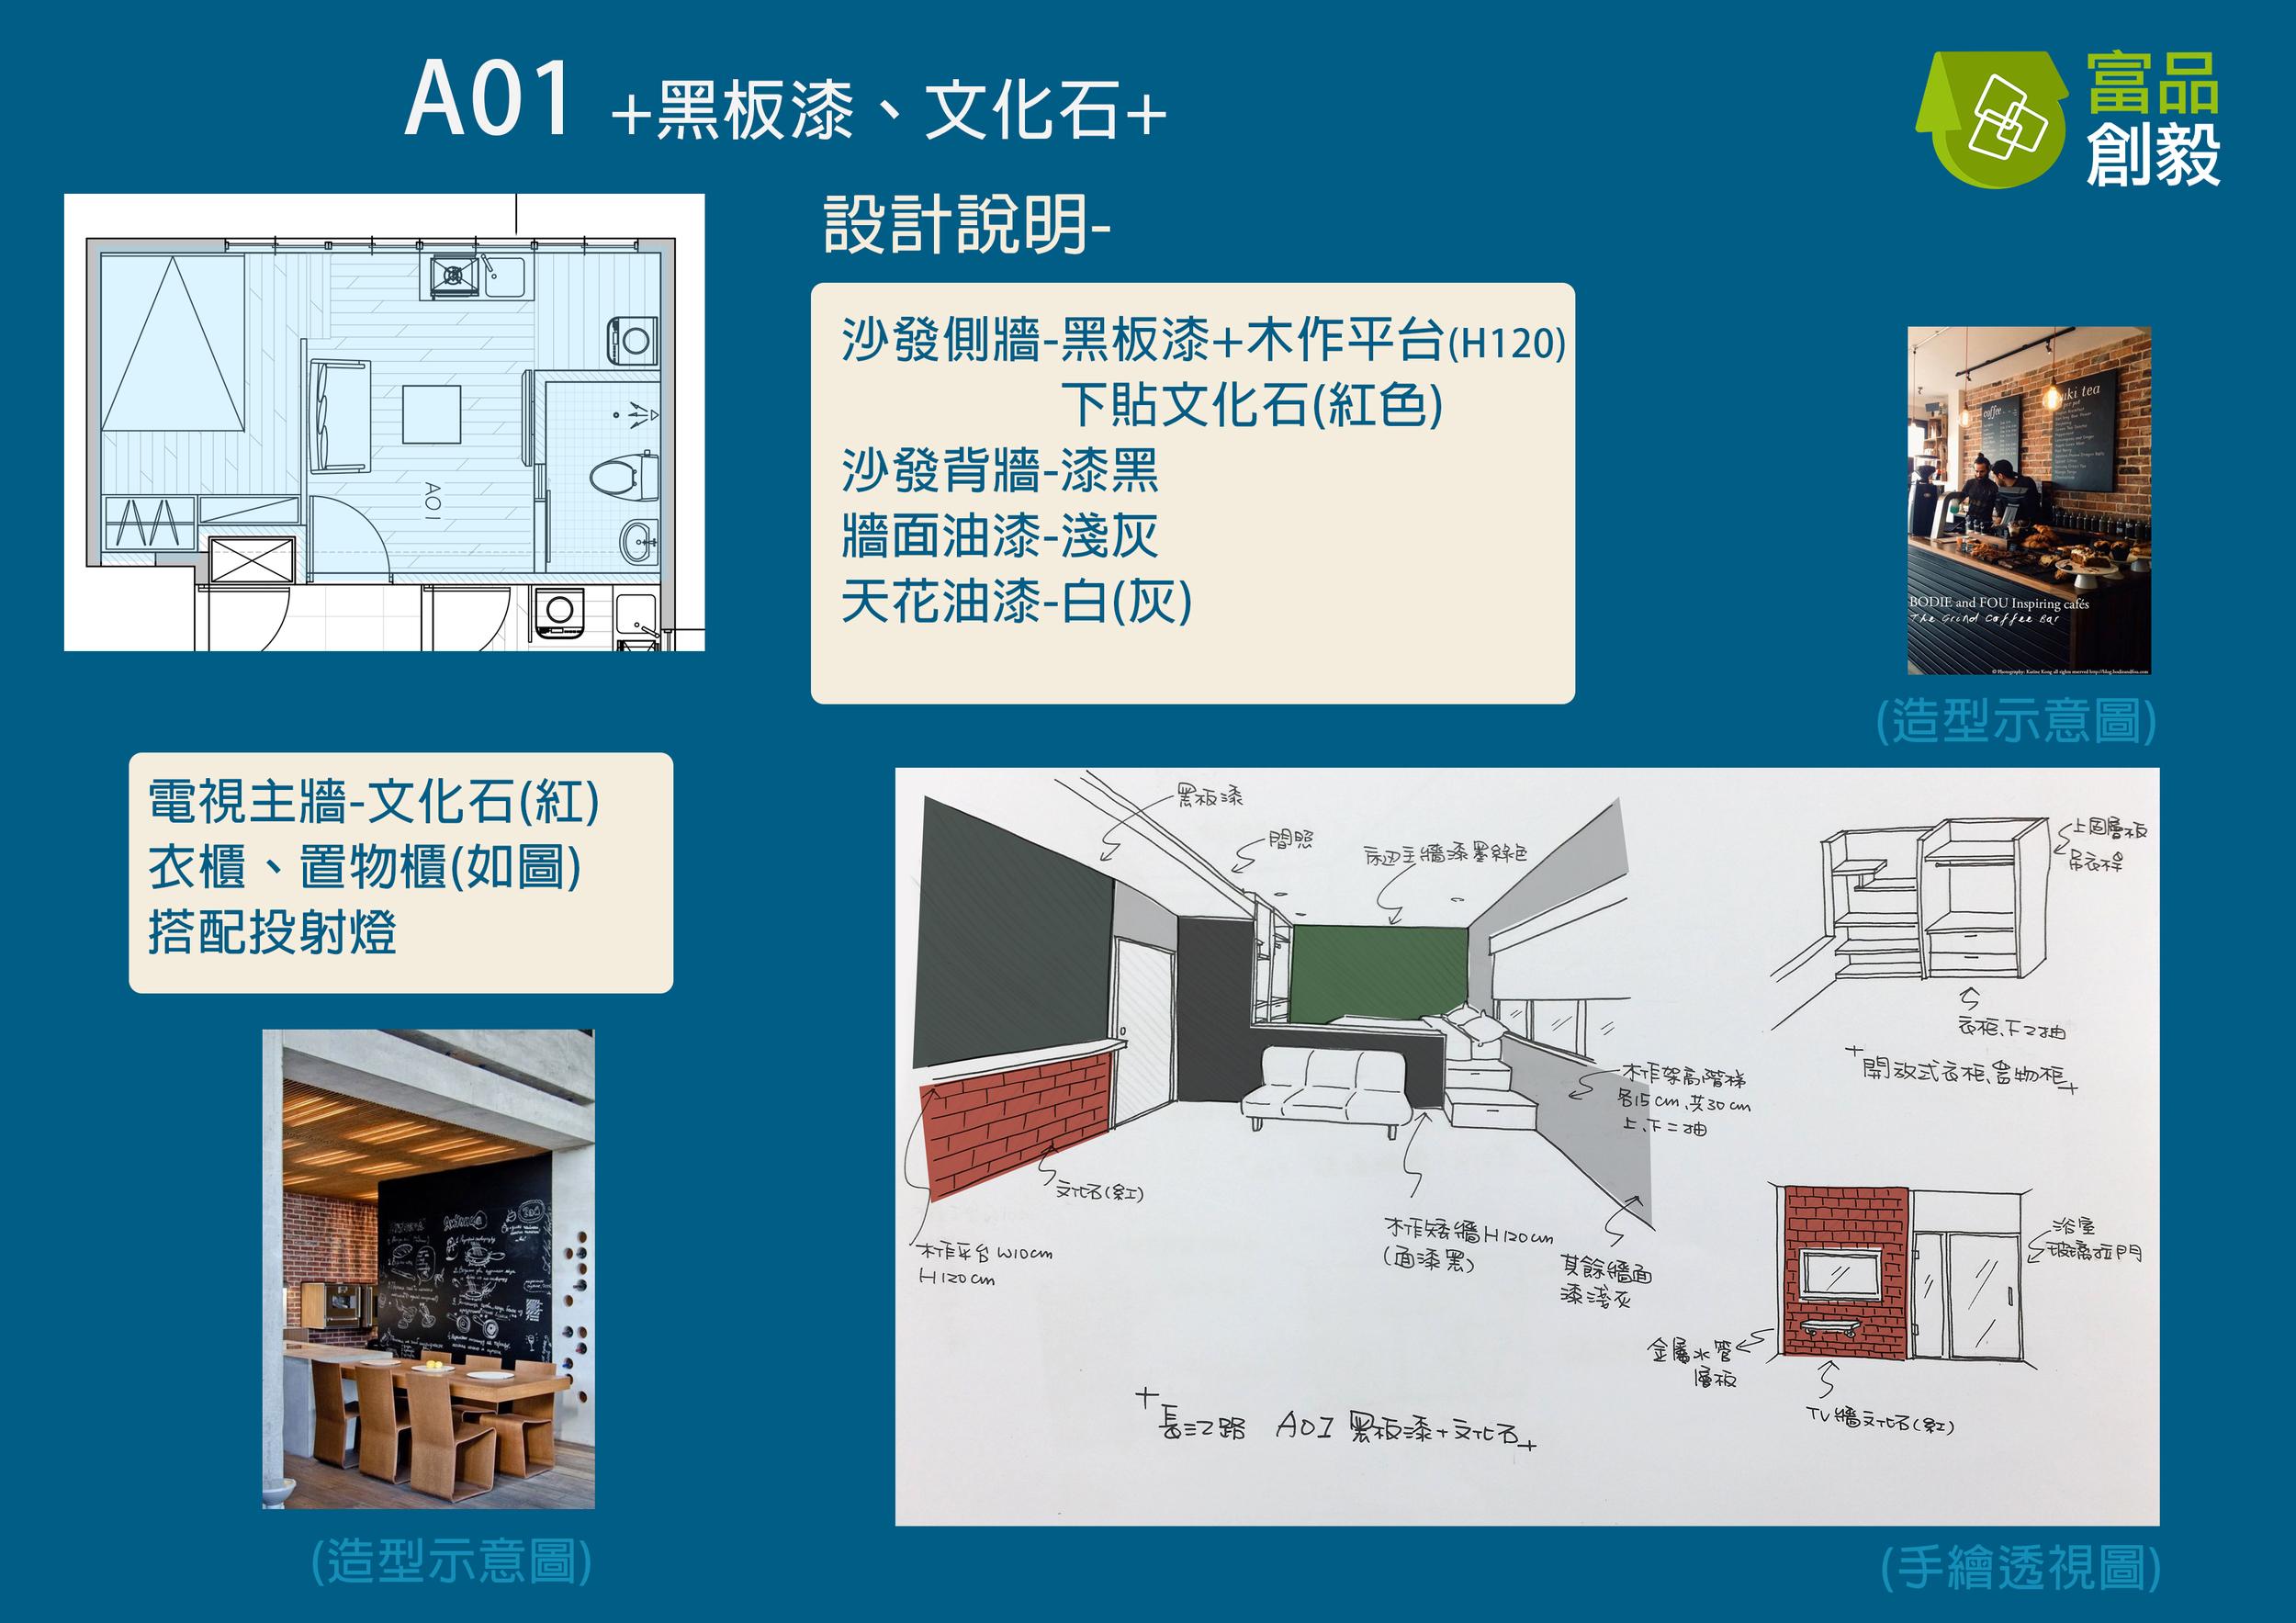 長江路風格-A01.jpg